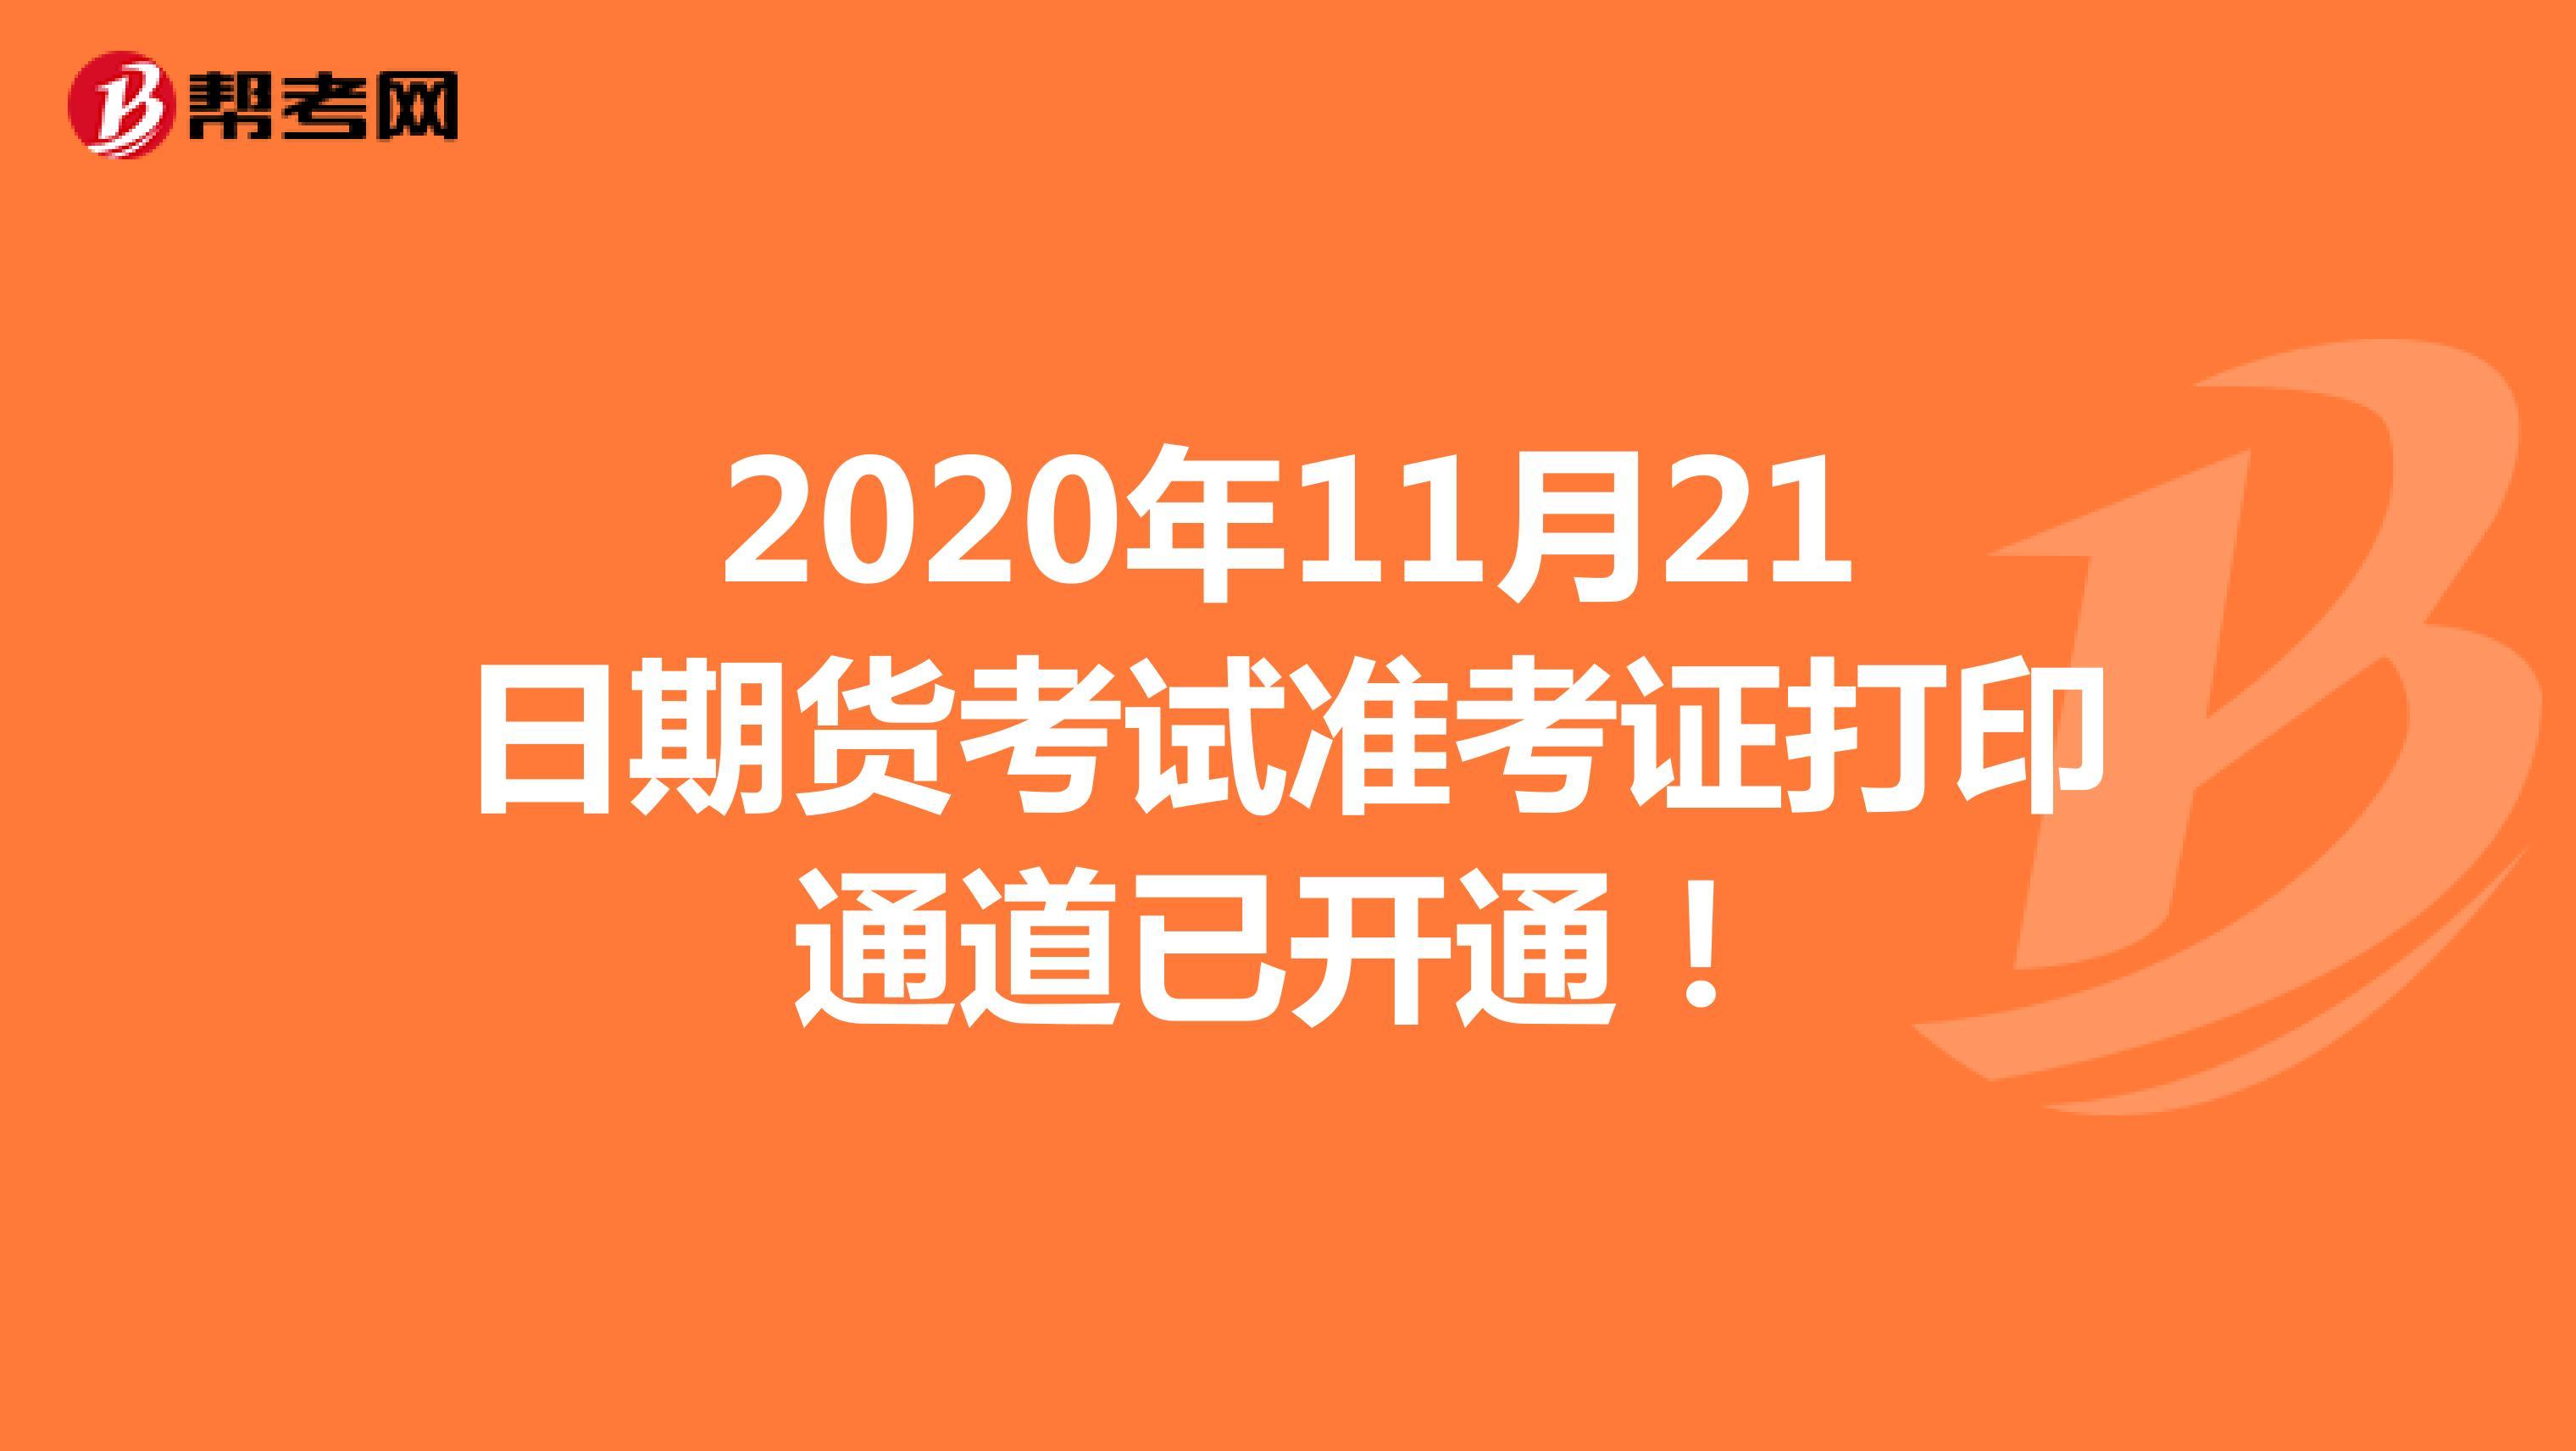 2020年11月21日期货考试准考证打印通道已开通!